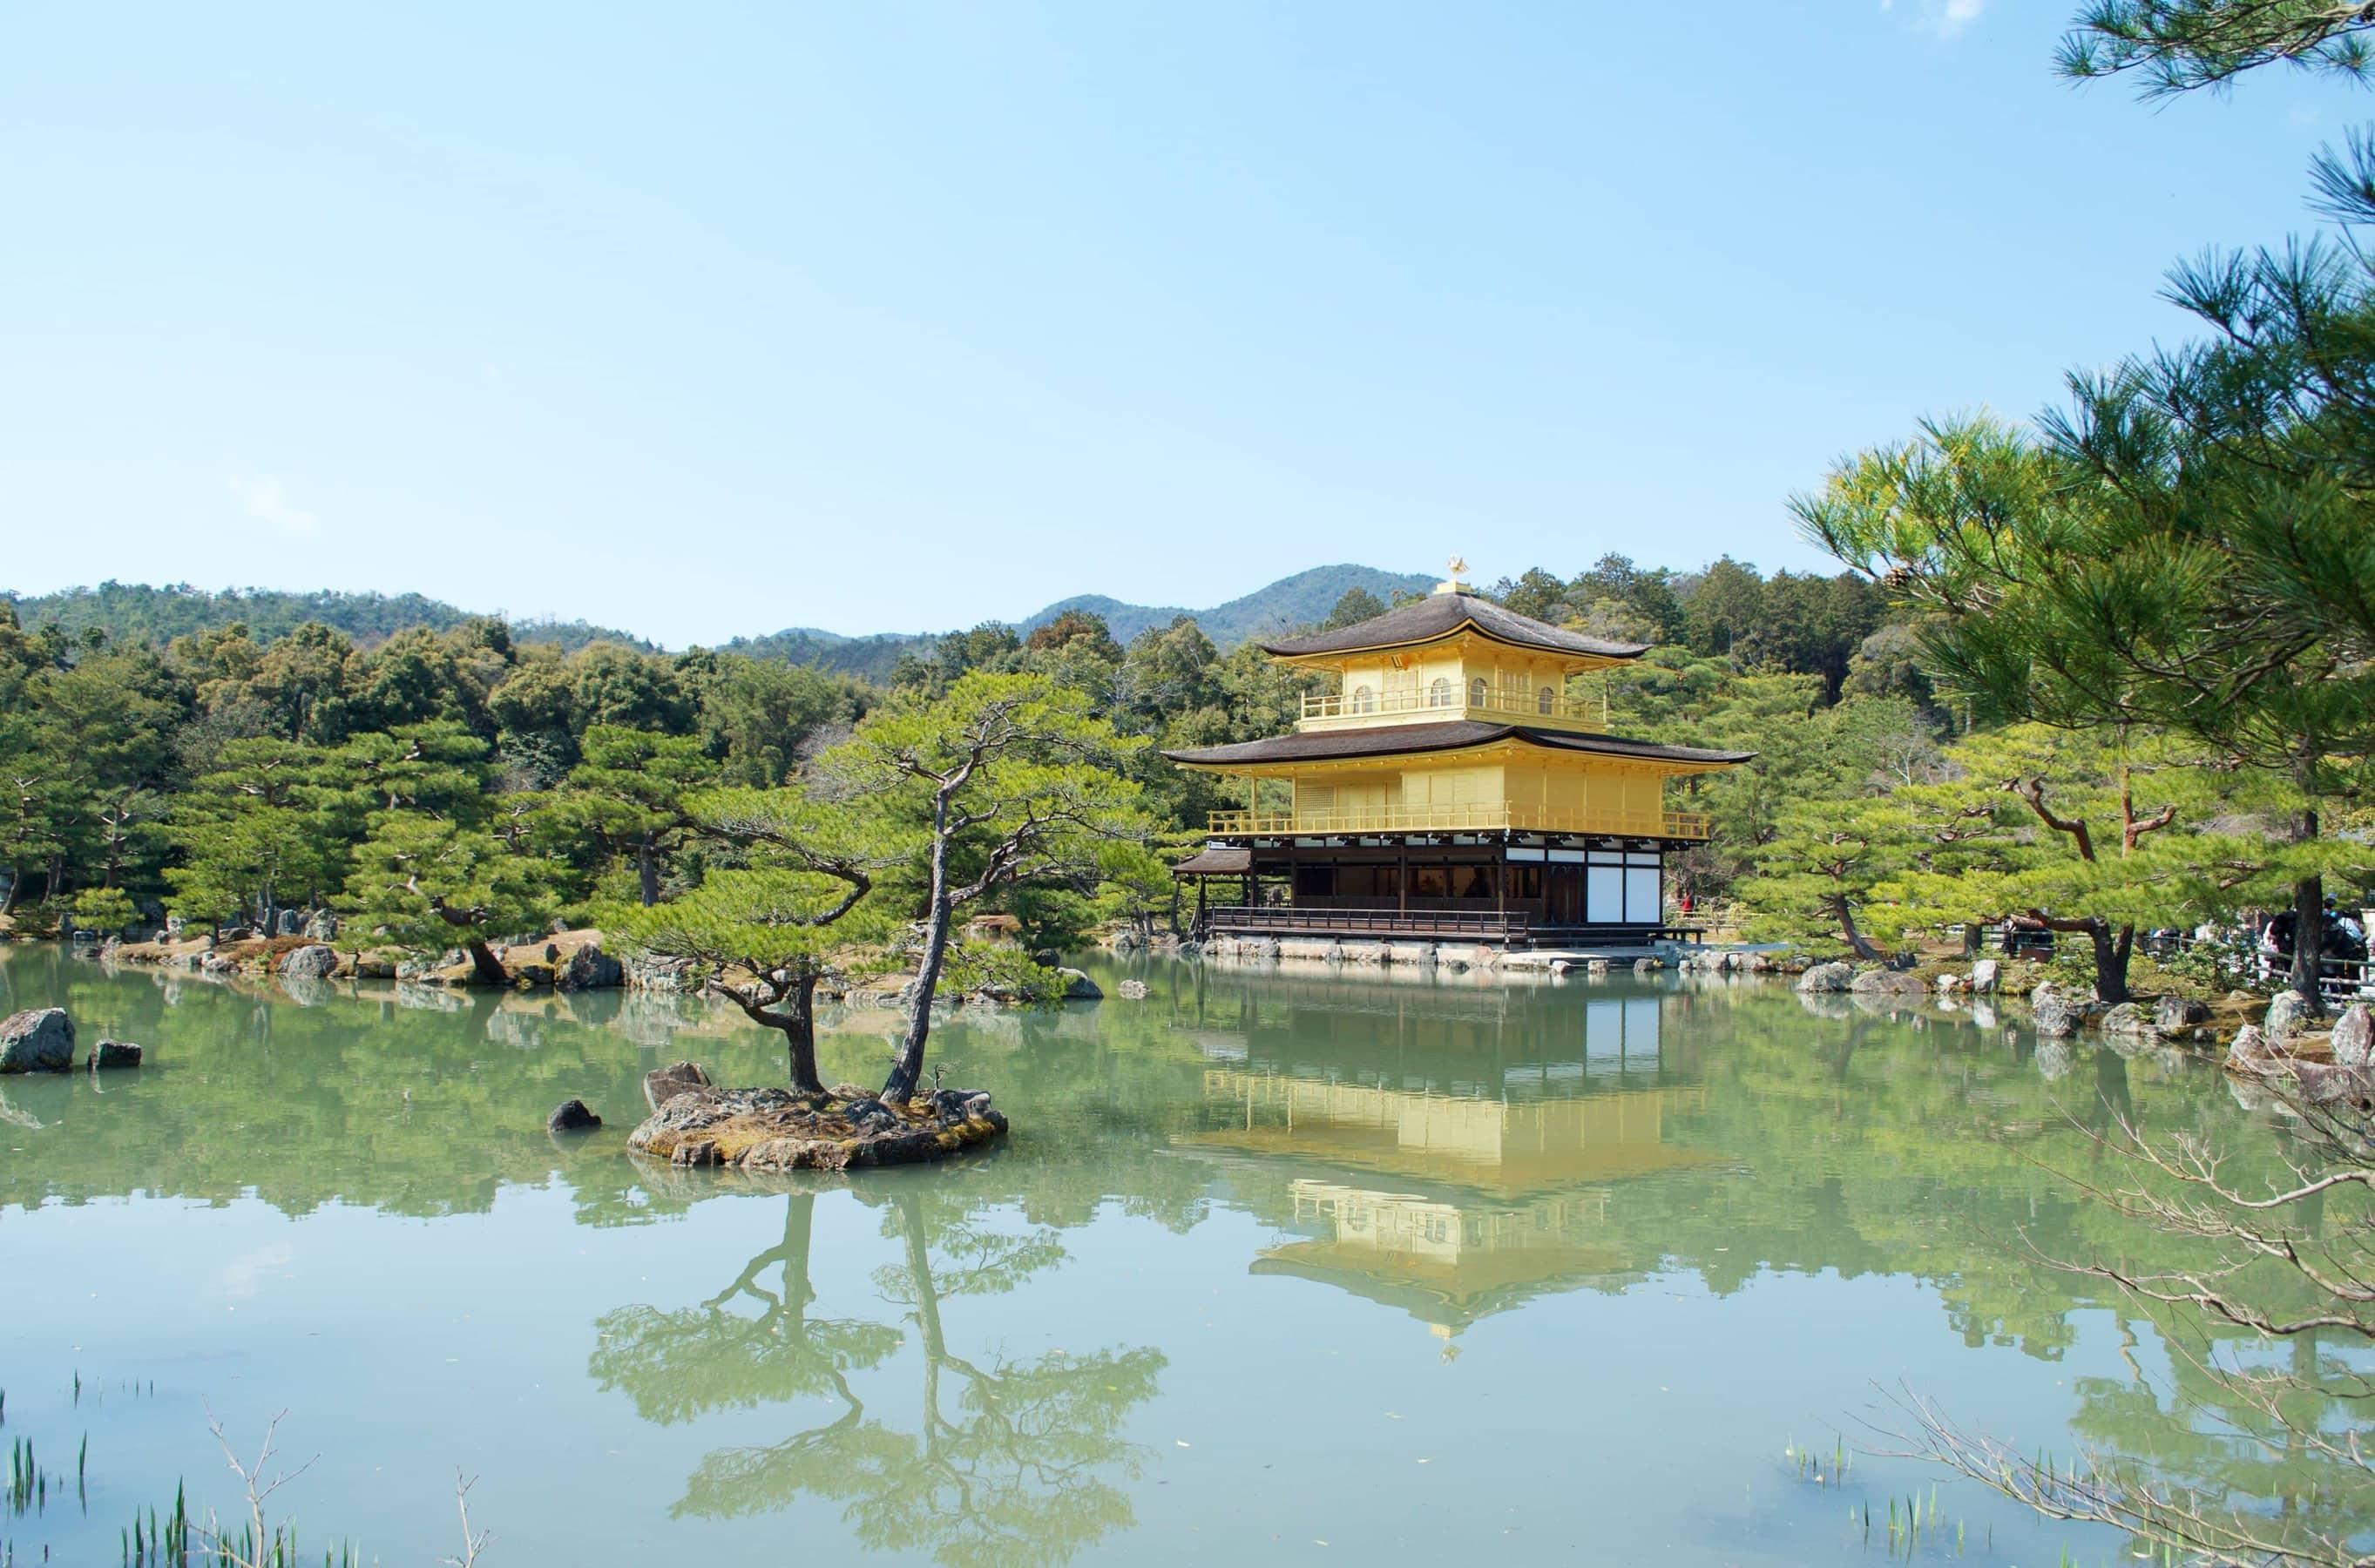 Reisemomente 2017 Kinkaku-ji Kyoto Japan